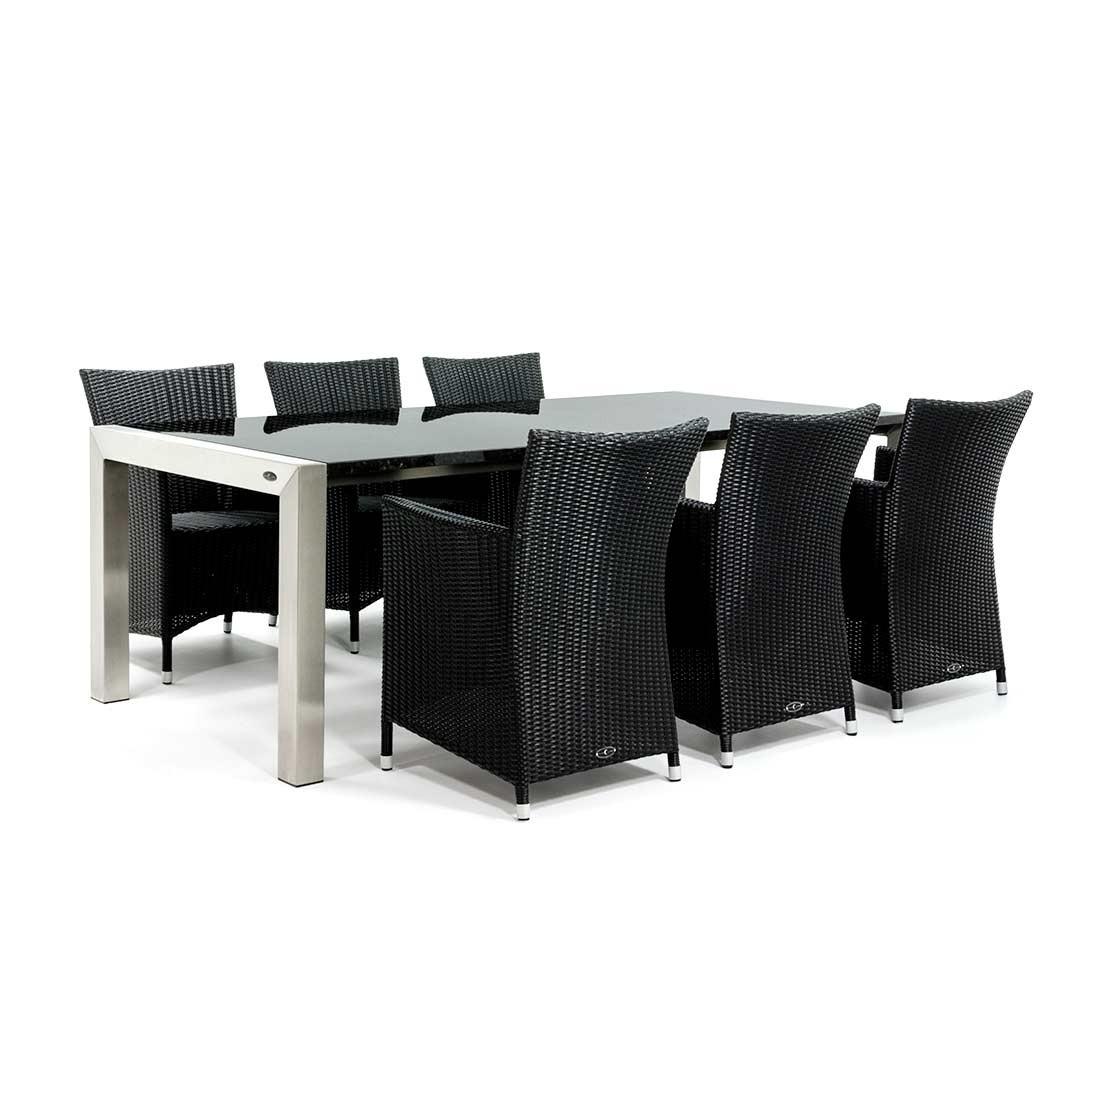 Moderner Gartentisch mit polierten Platten